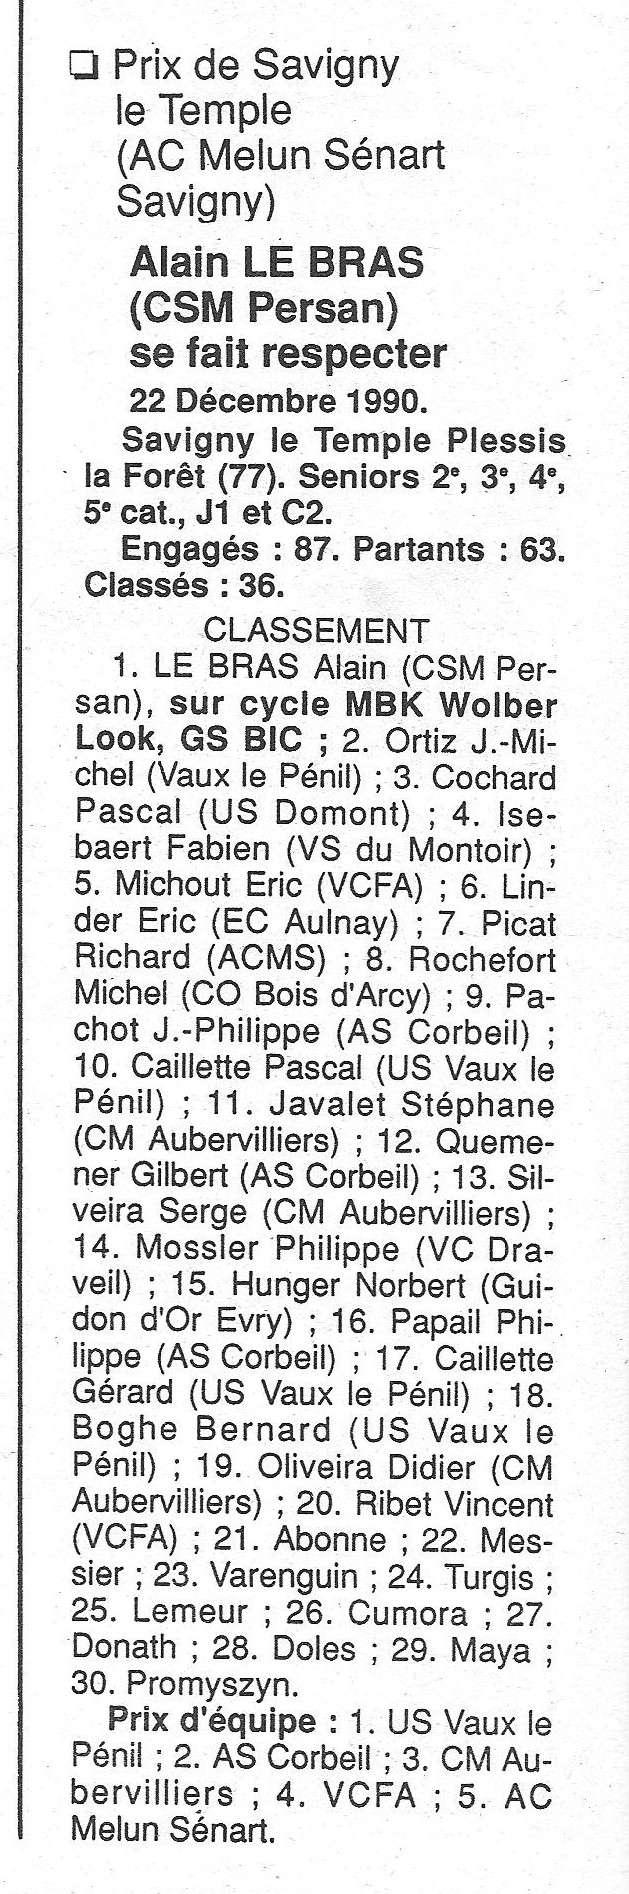 CSM.Persan. BIC. Toute une époque de janvier 1990 à novembre 2007 - Page 5 1991_028